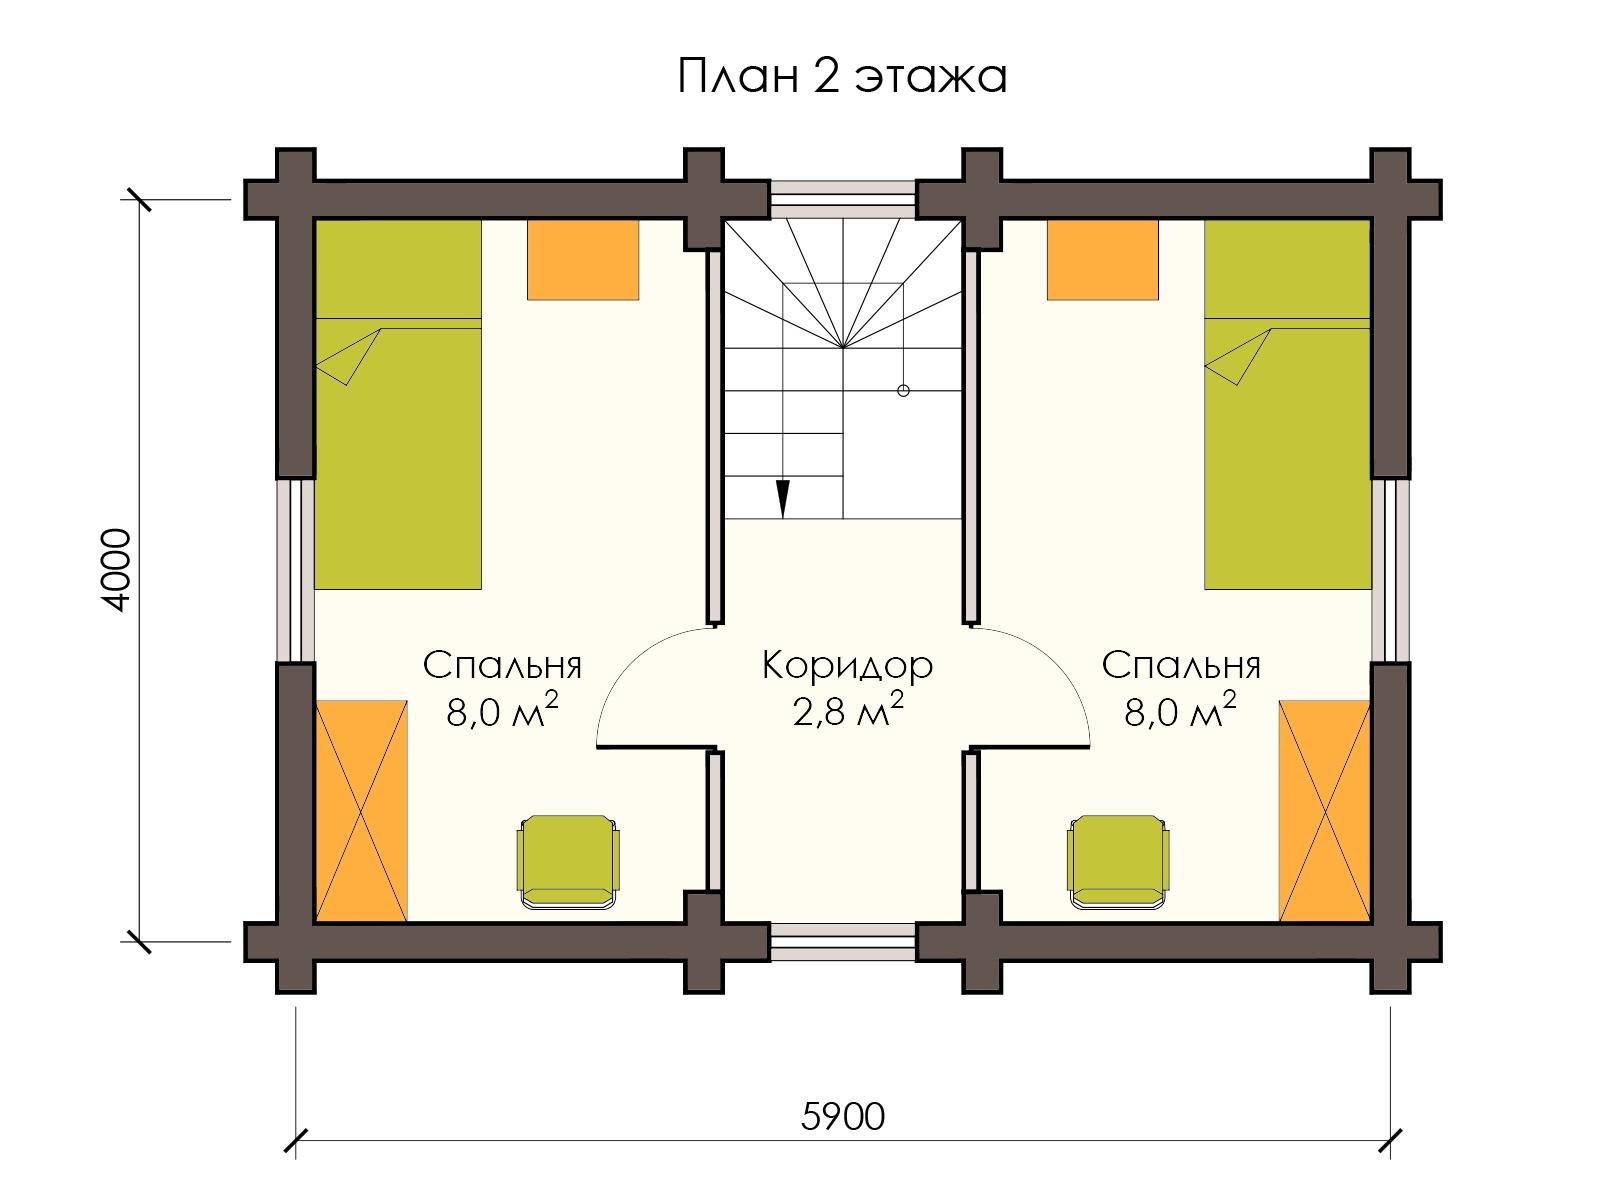 Проект деревянного дома 40 м